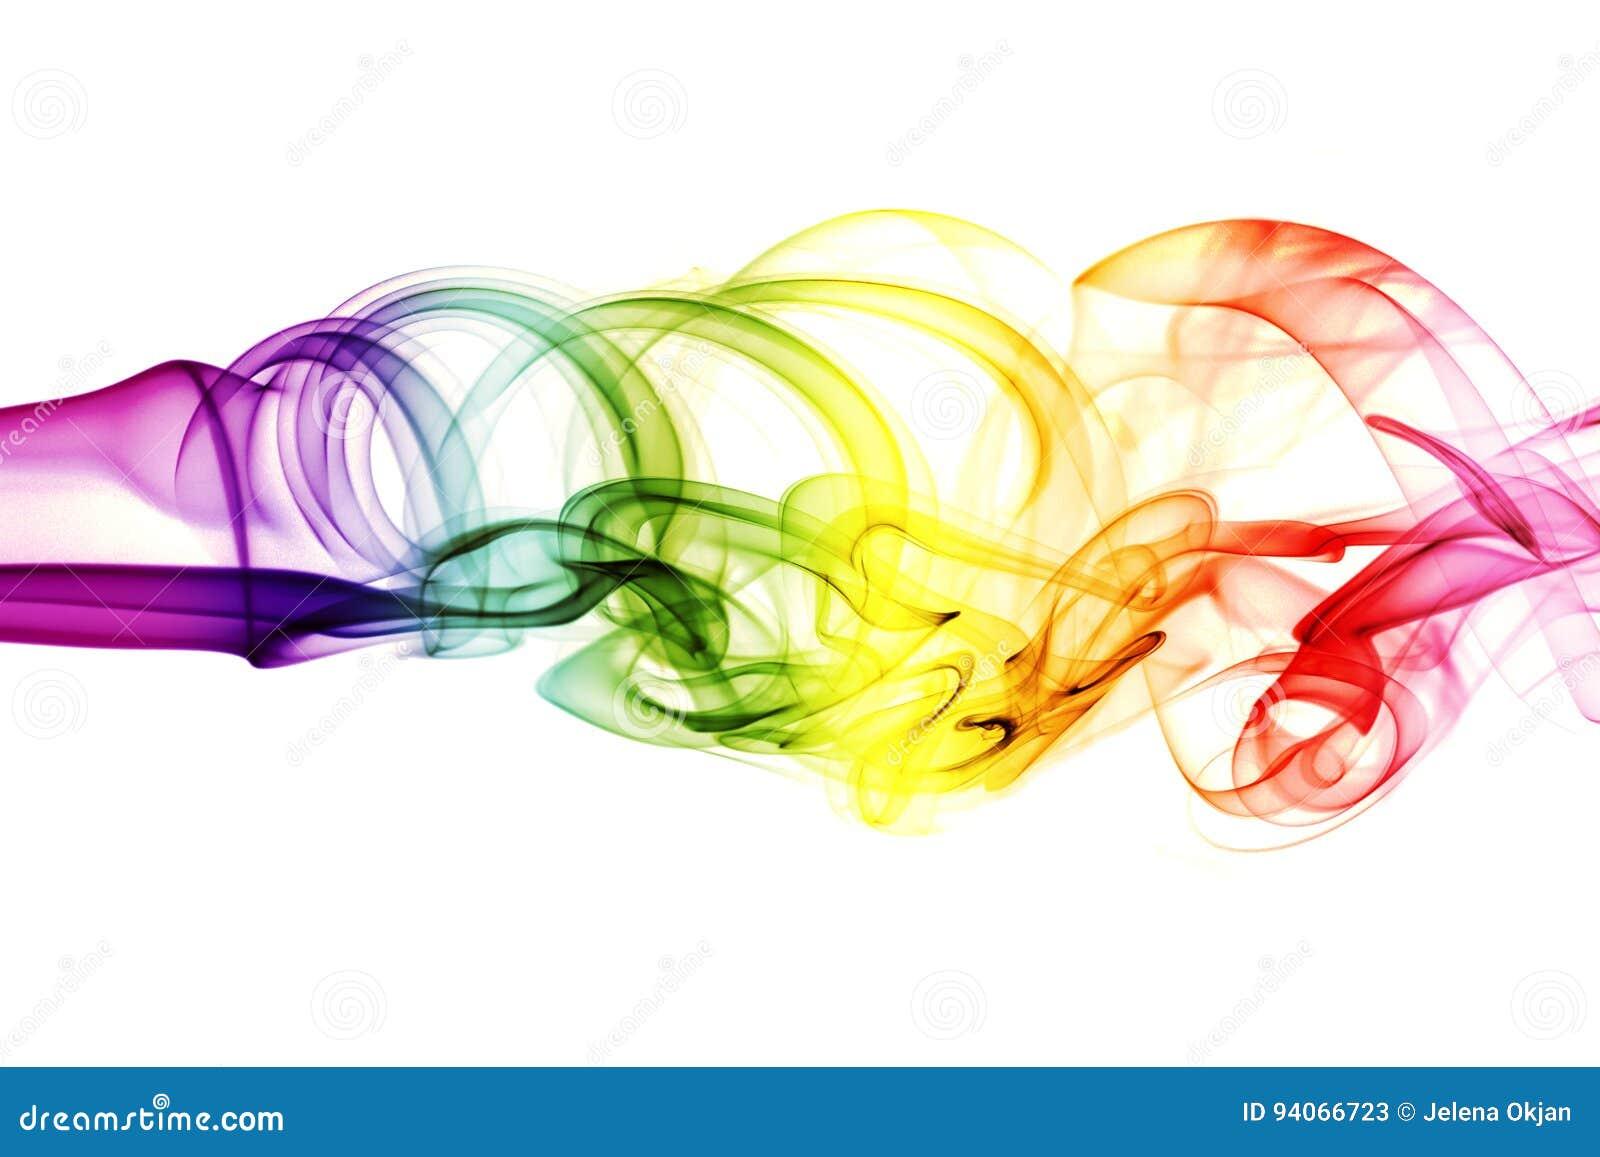 Farbiger abstrakter Rauch